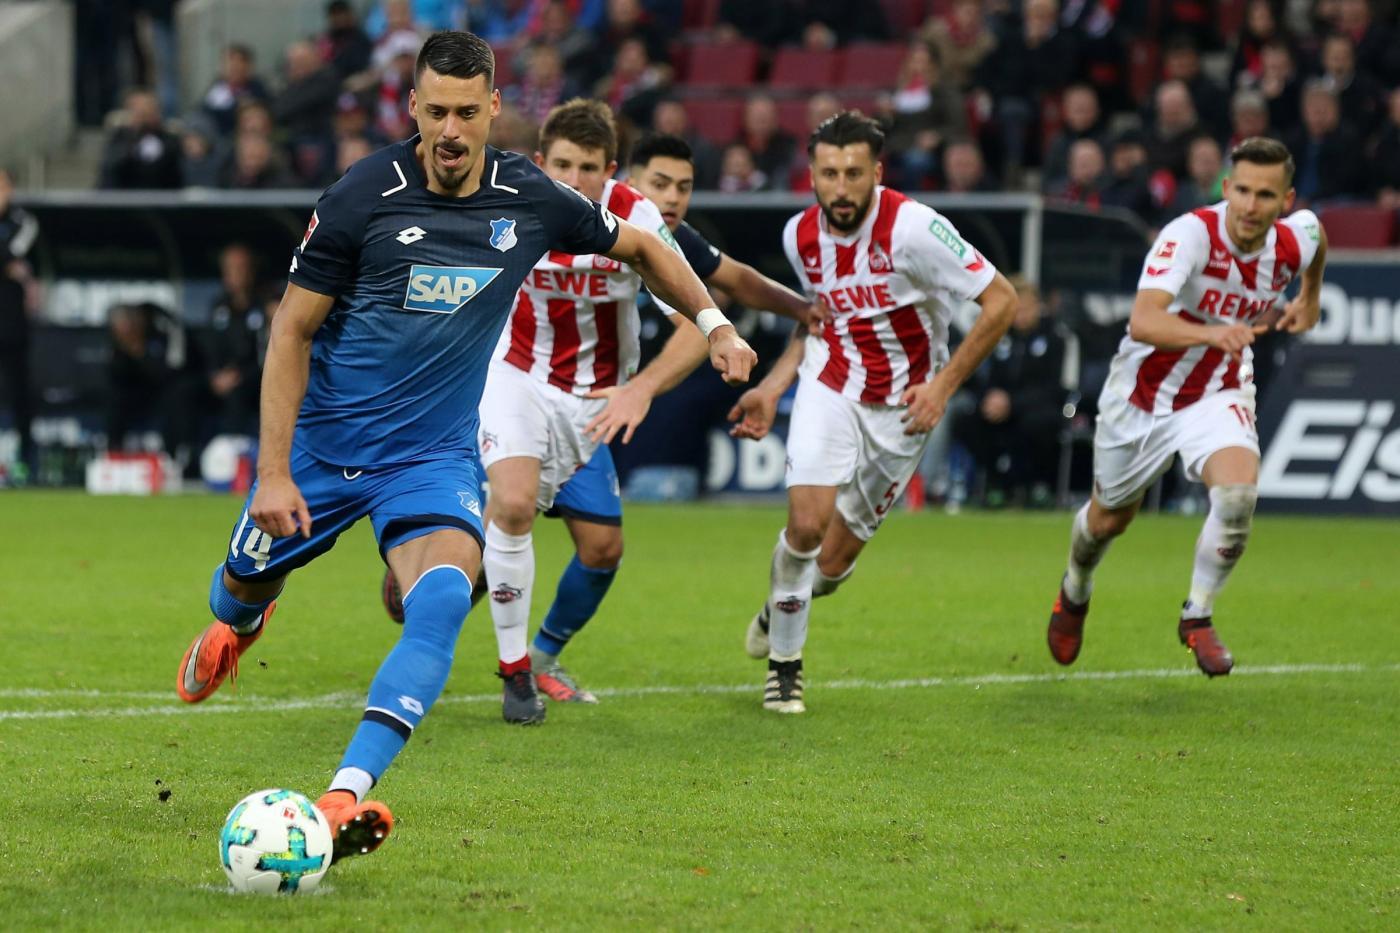 Champions League, Shakhtar-Hoffenheim 19 settembre: analisi e pronostico della giornata della fase a gironi della massima competizione europea